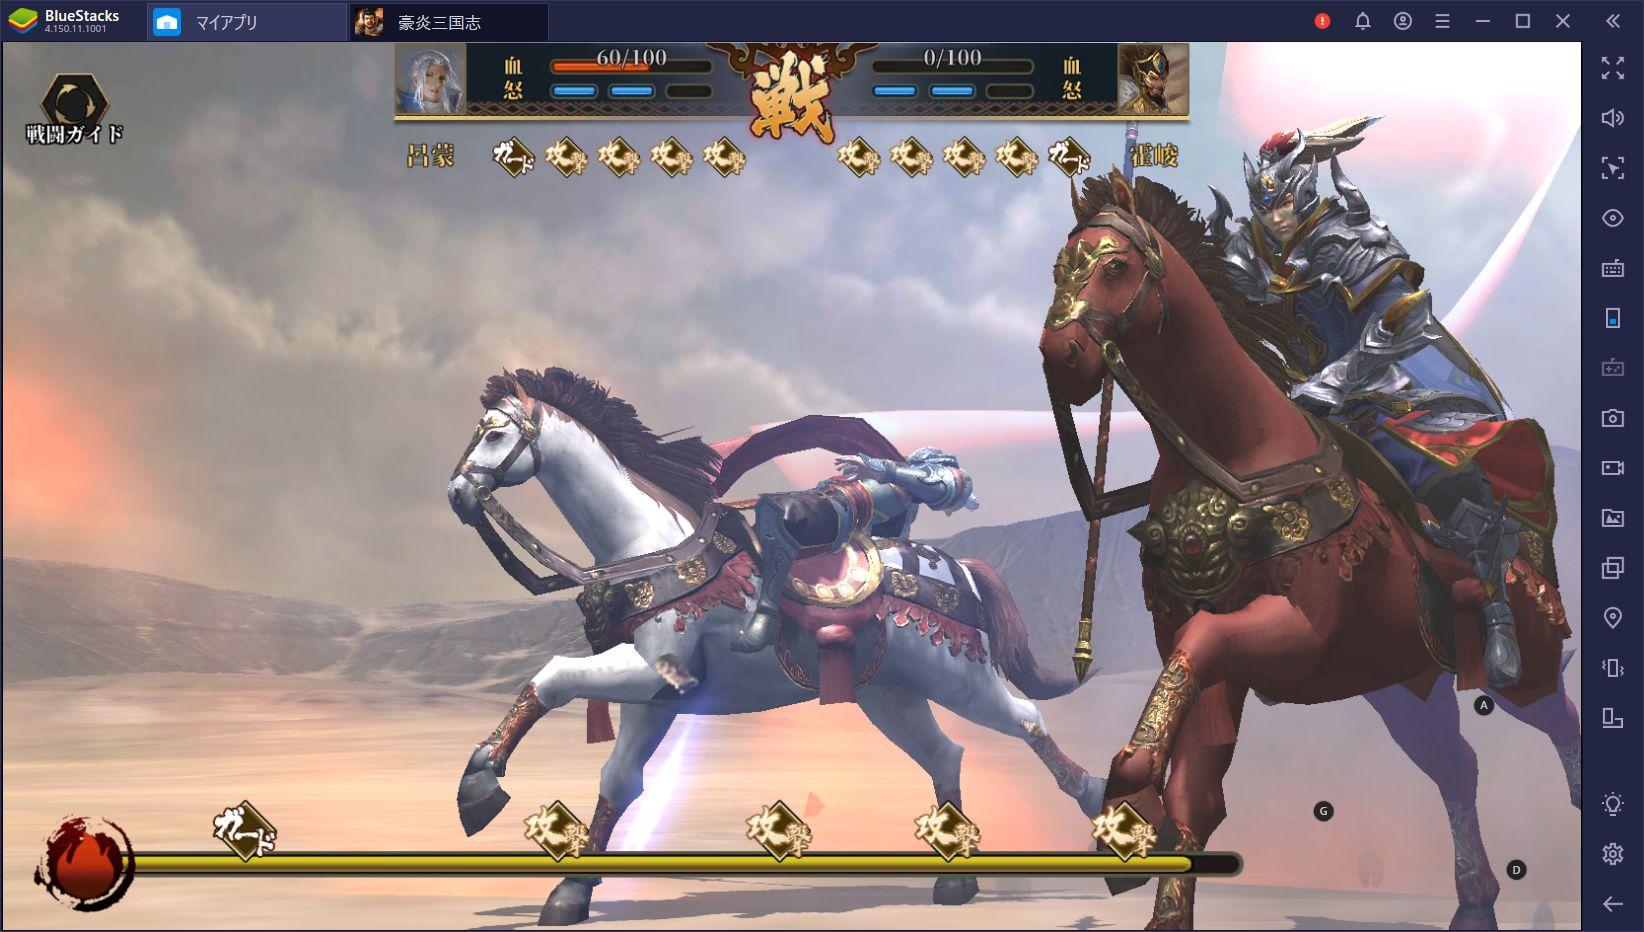 BlueStacksを使ってPCで『豪炎三国志~覇王の無双乱戦~』を遊ぼう